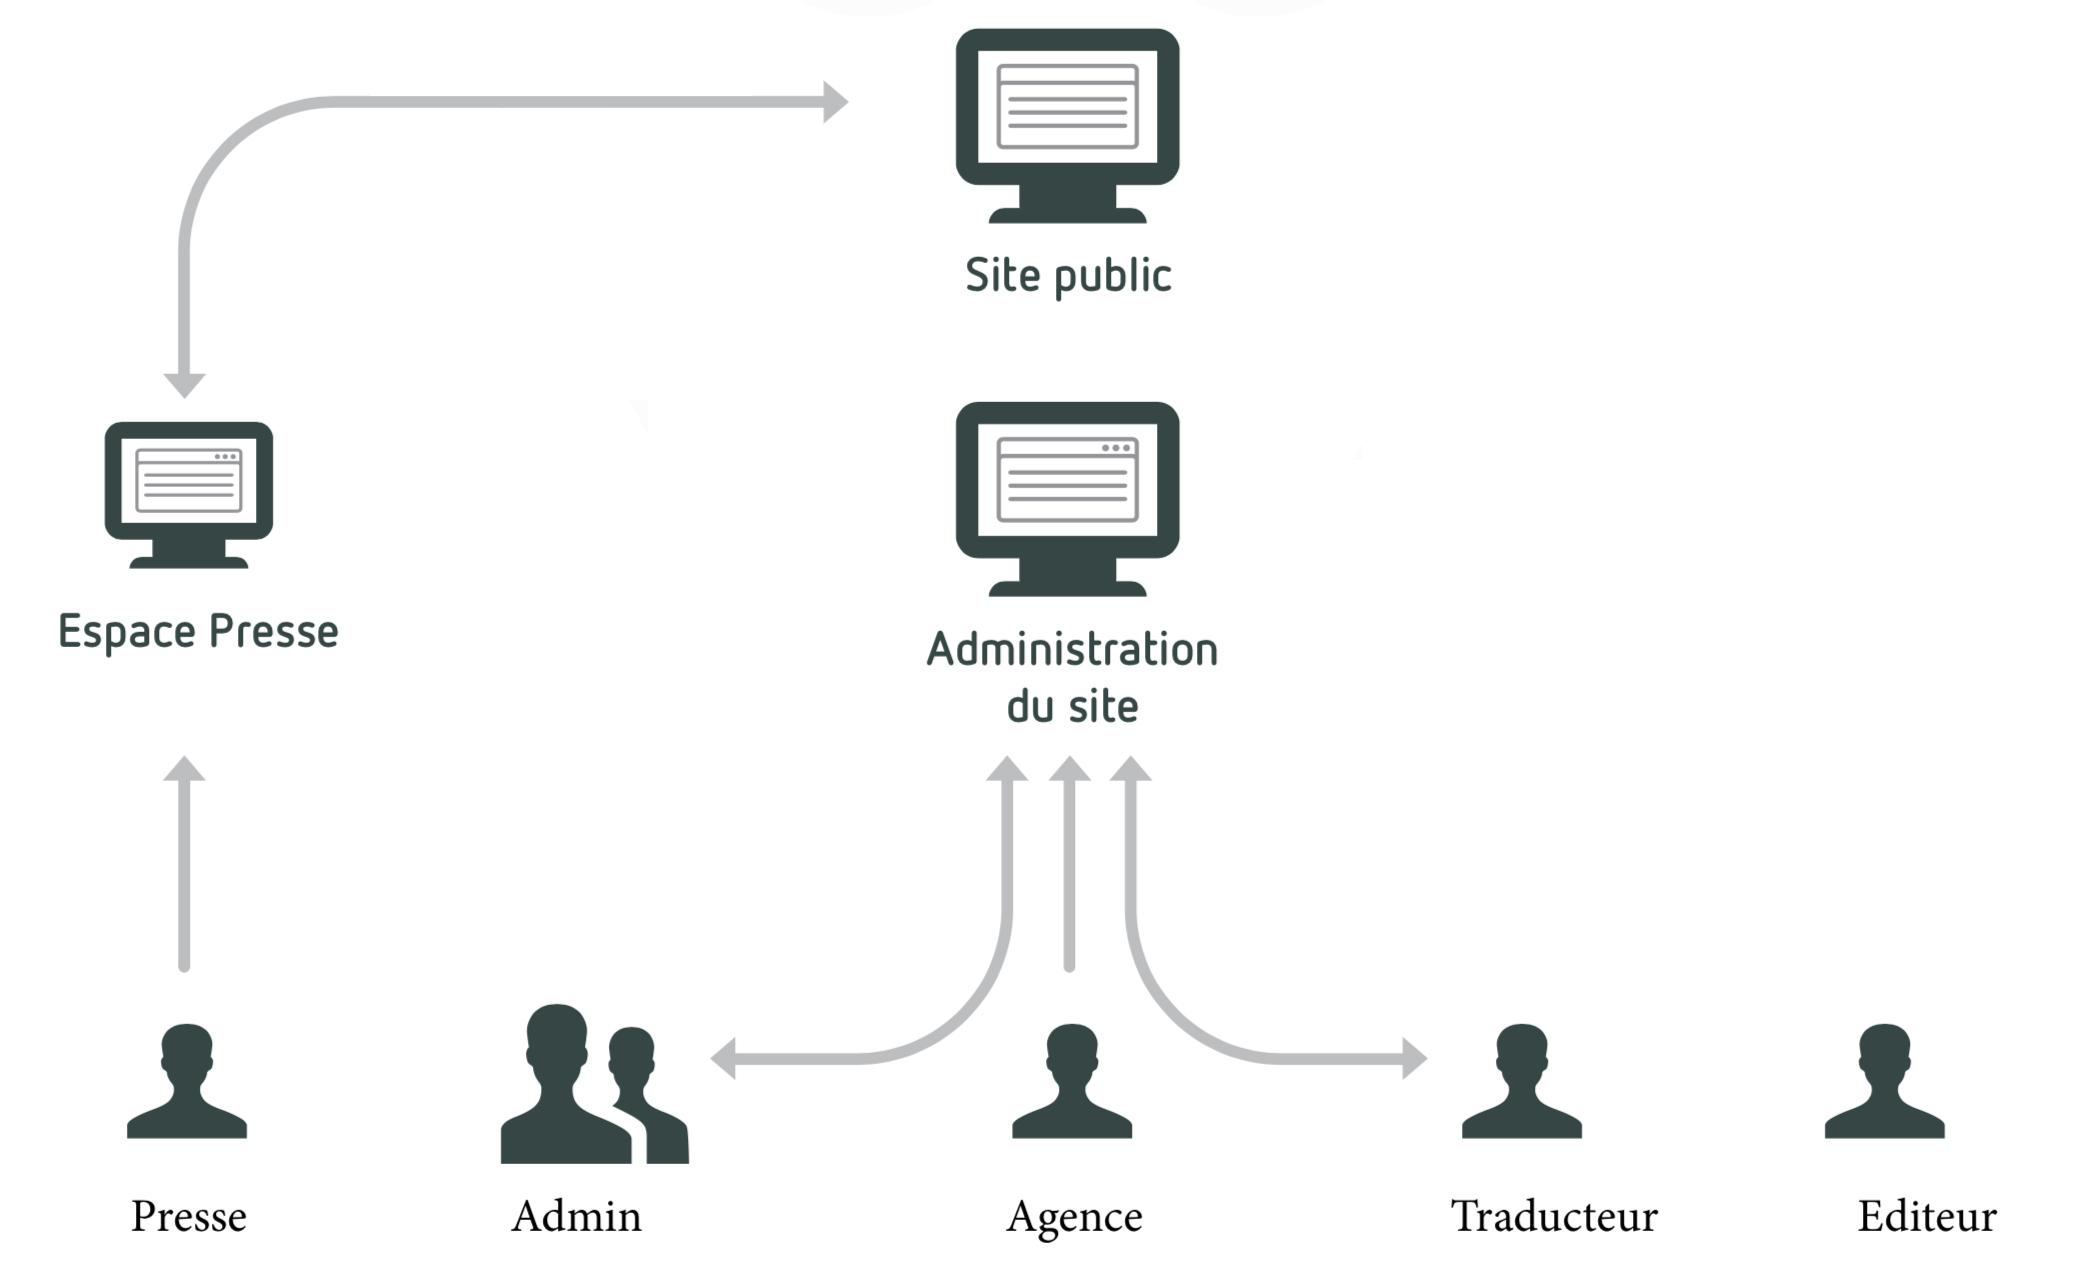 organisation de la gestion des contenus du site en fonction d'utilisateurs et de roles